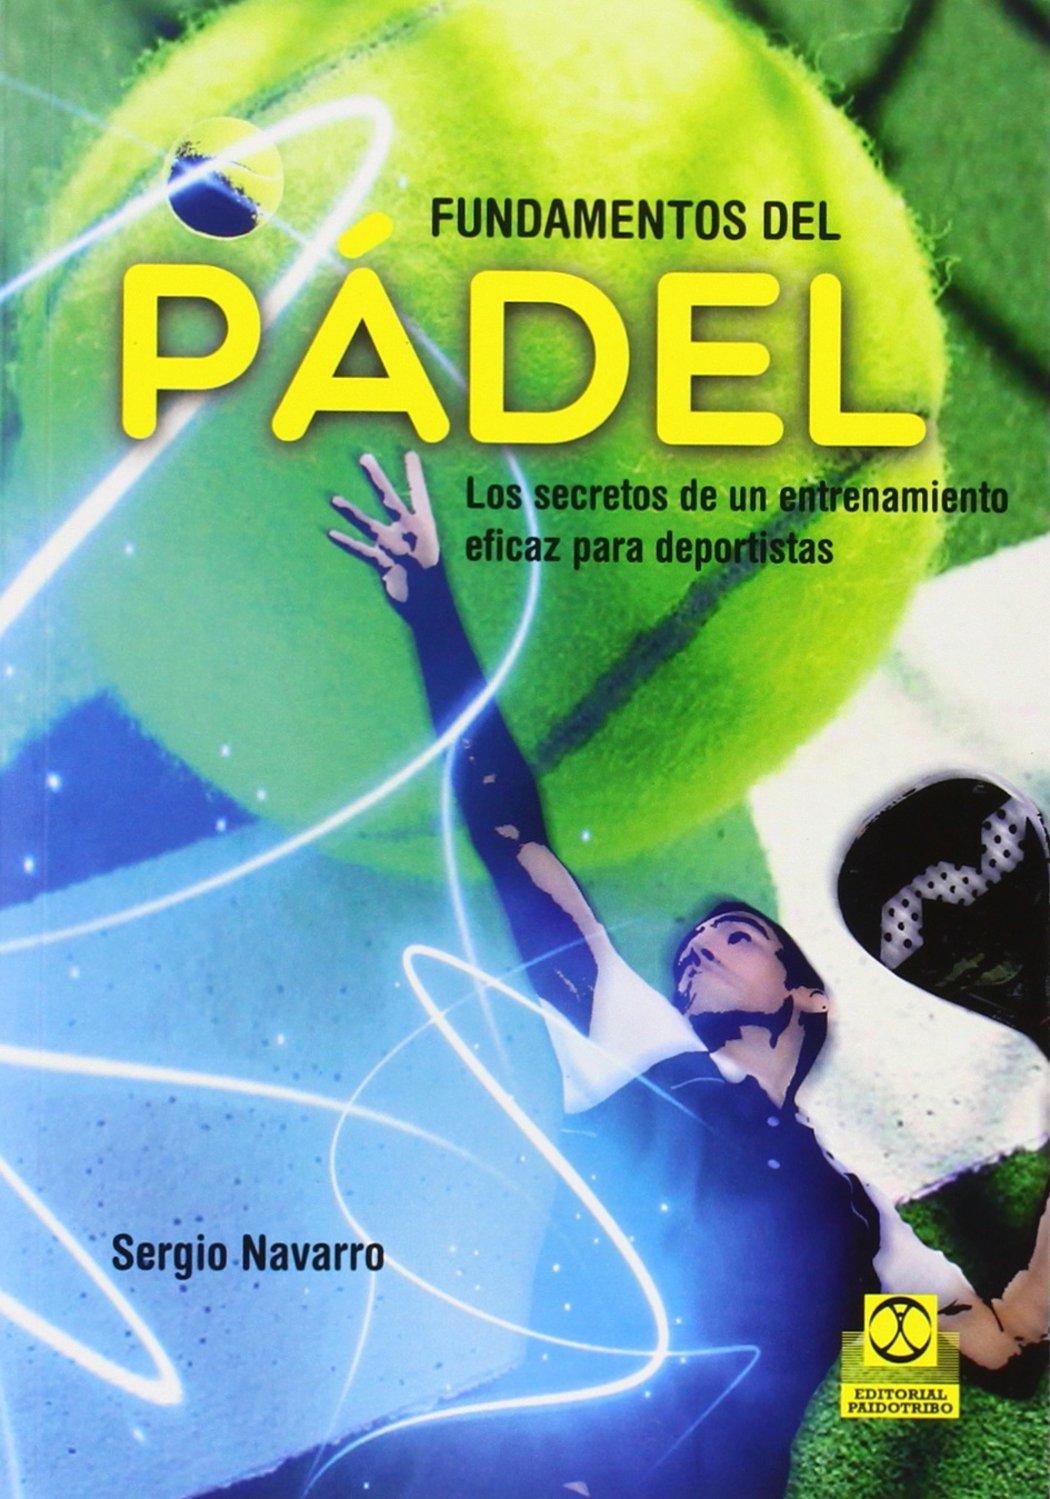 fundamentos del pádel. los secretos de un entrenamiento eficaz para deportistas (Spanish) Paperback – 2014